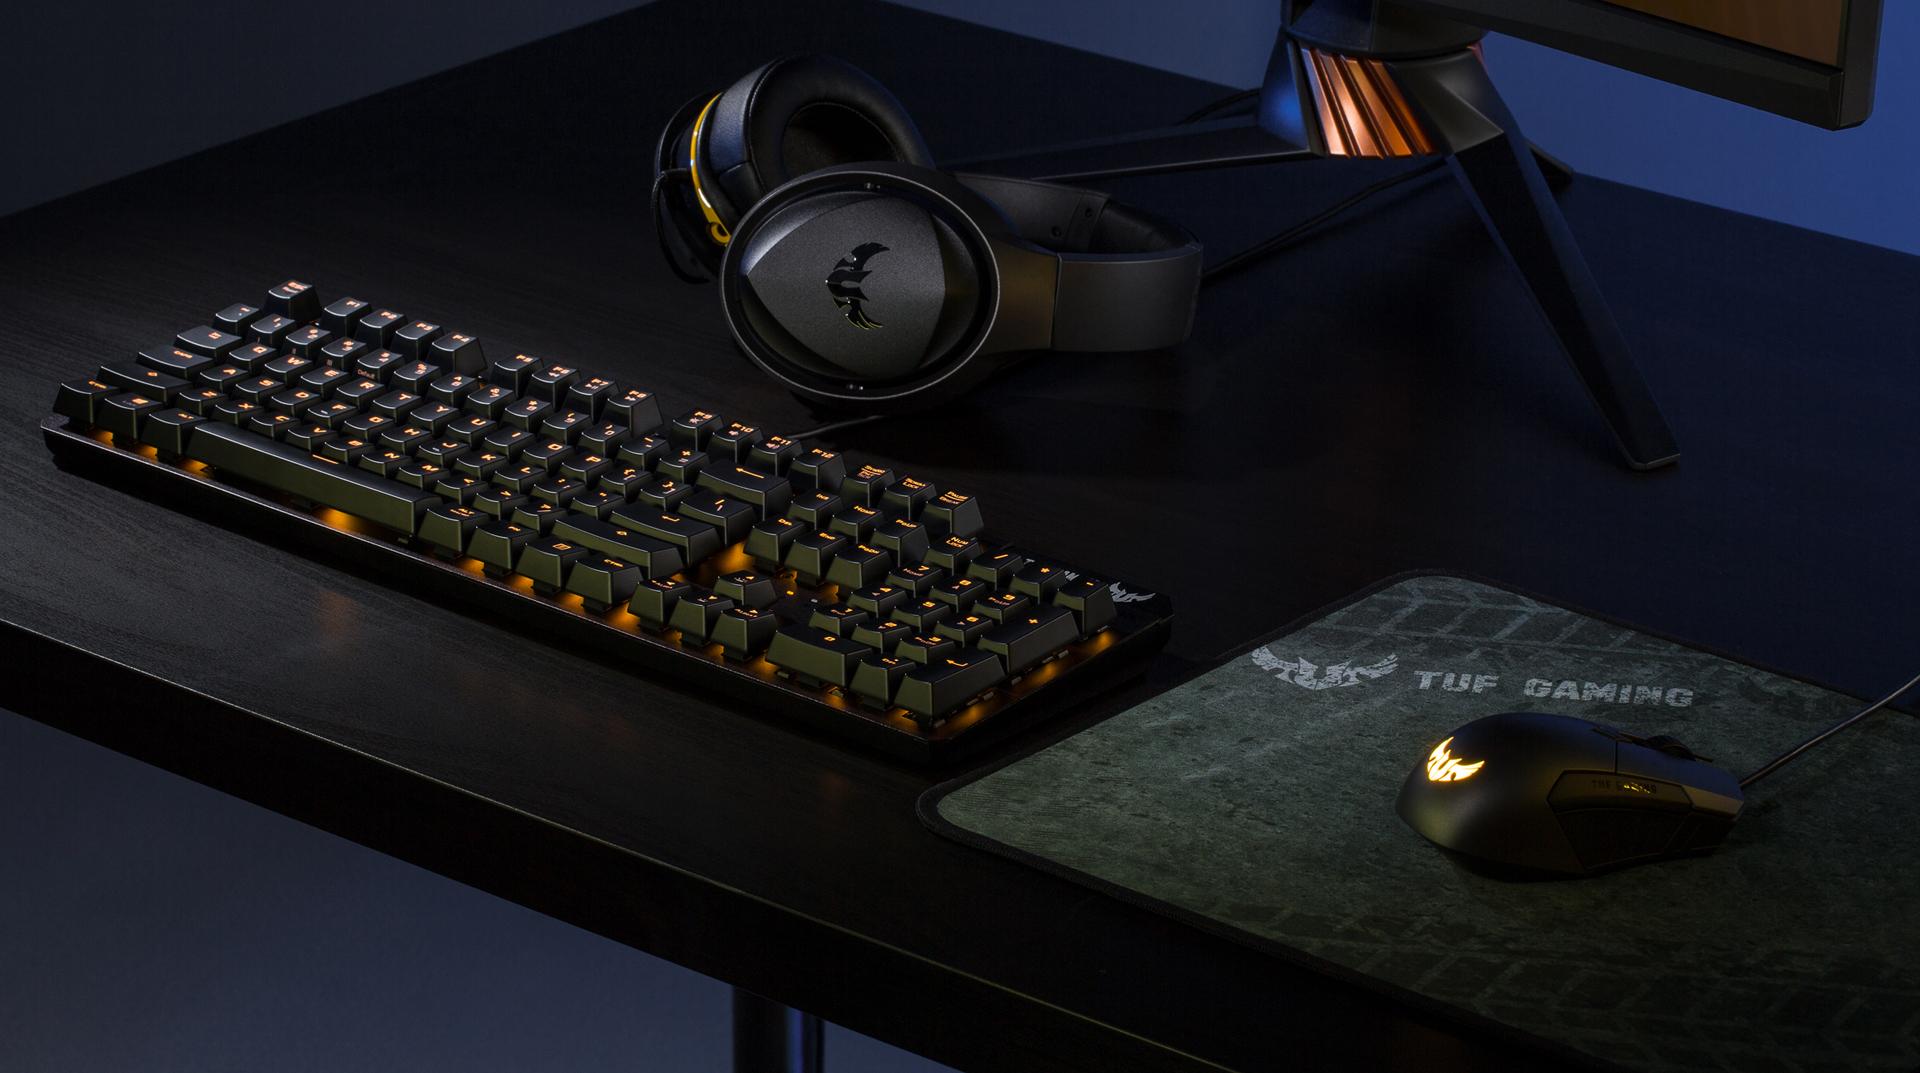 TUF Gaming P3   Keyboards & Mice   ASUS Global